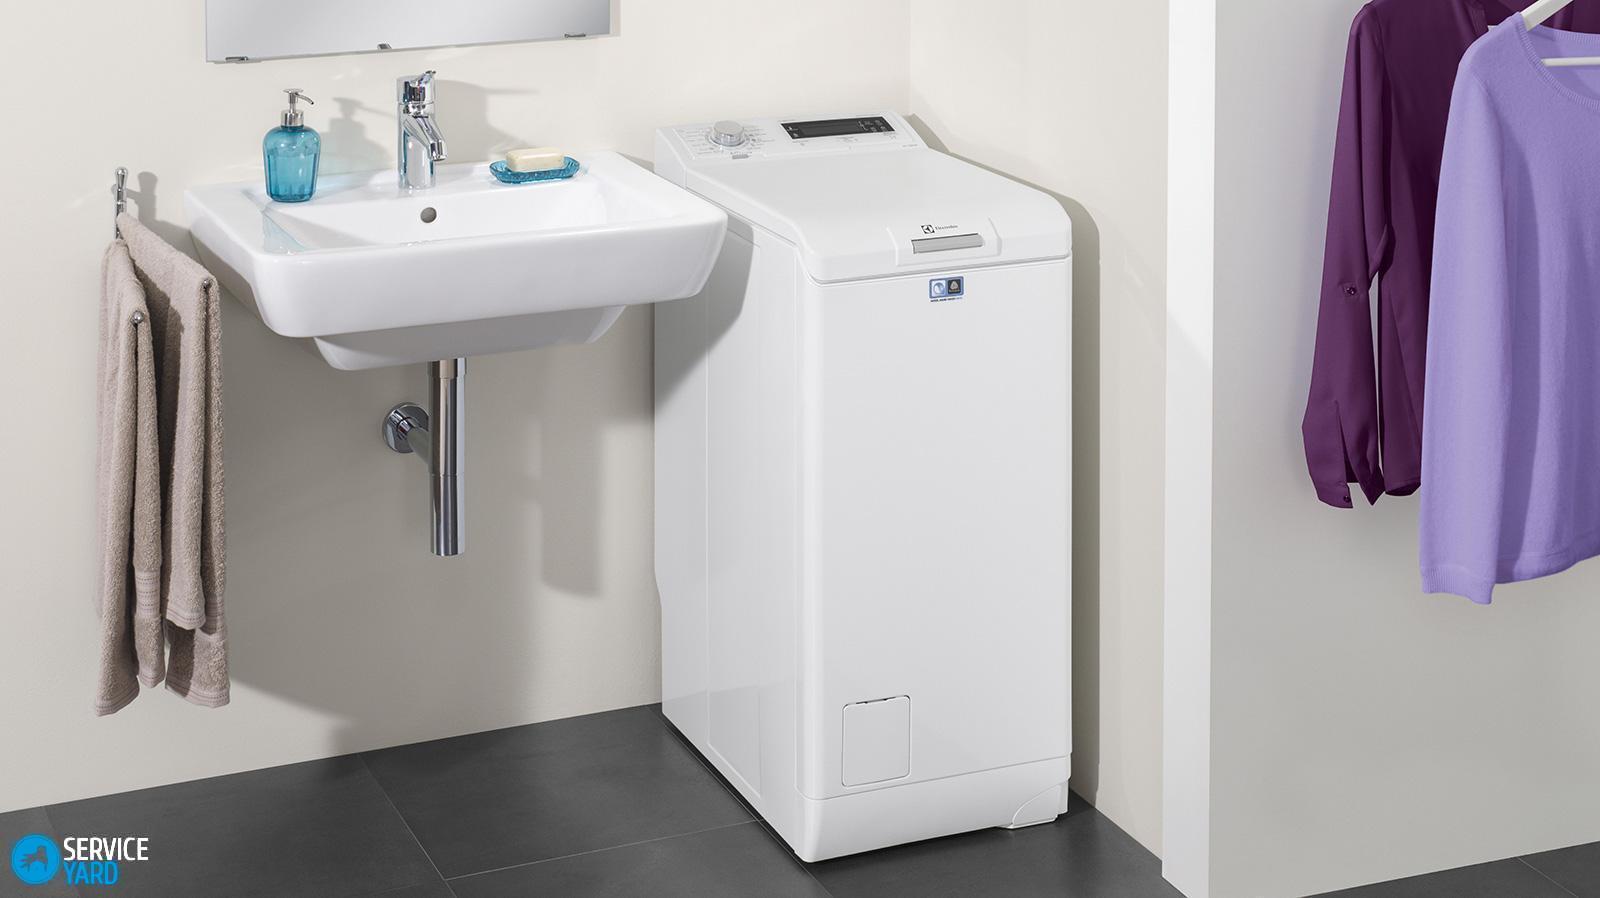 Рейтинг стиральных машин с вертикальной загрузкой, ServiceYard-уют вашего дома в Ваших руках